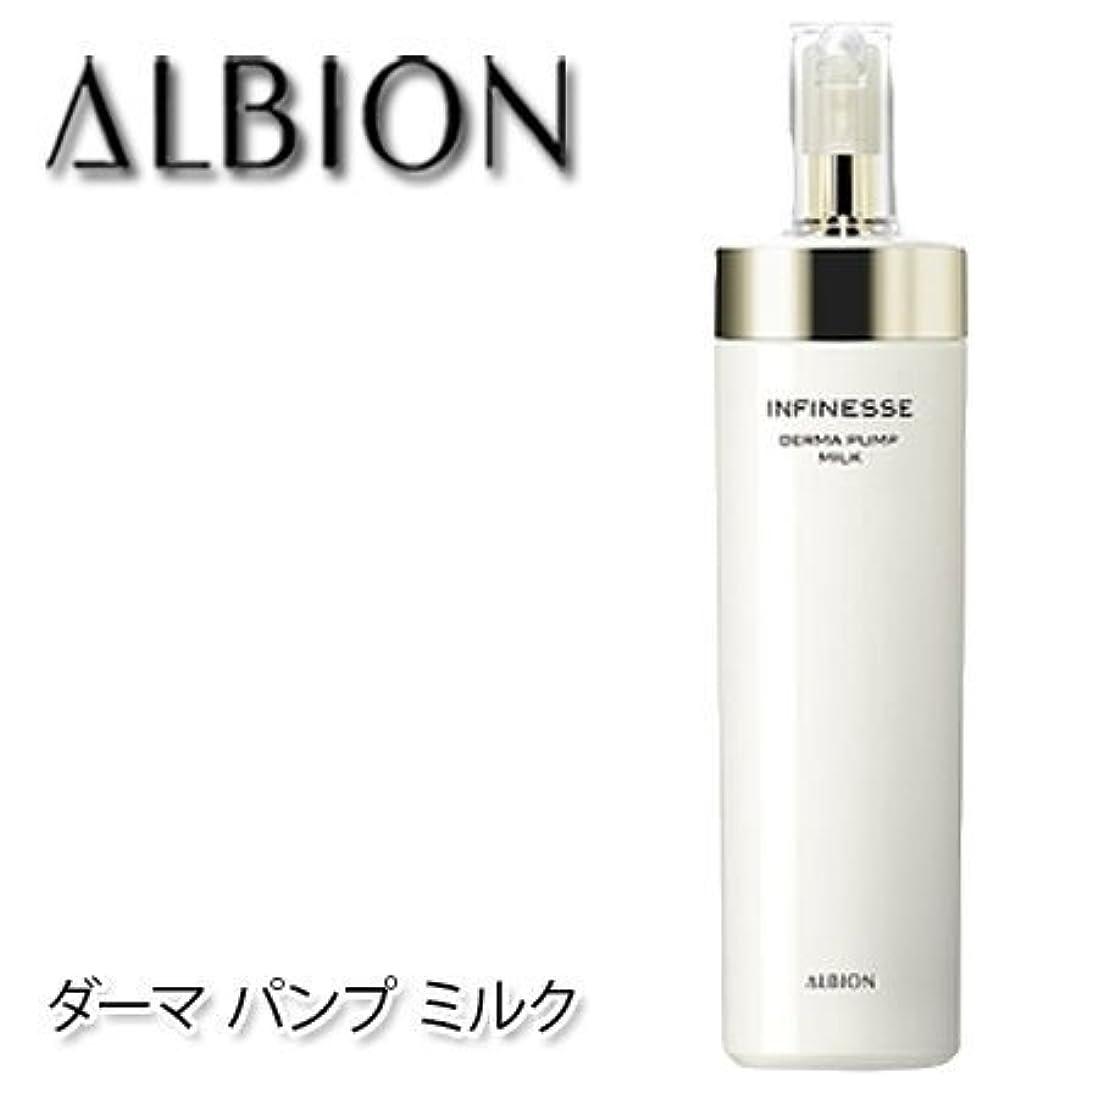 シニス鹿ダーベビルのテスアルビオン アンフィネス ダーマ パンプ ミルク 200g-ALBION-